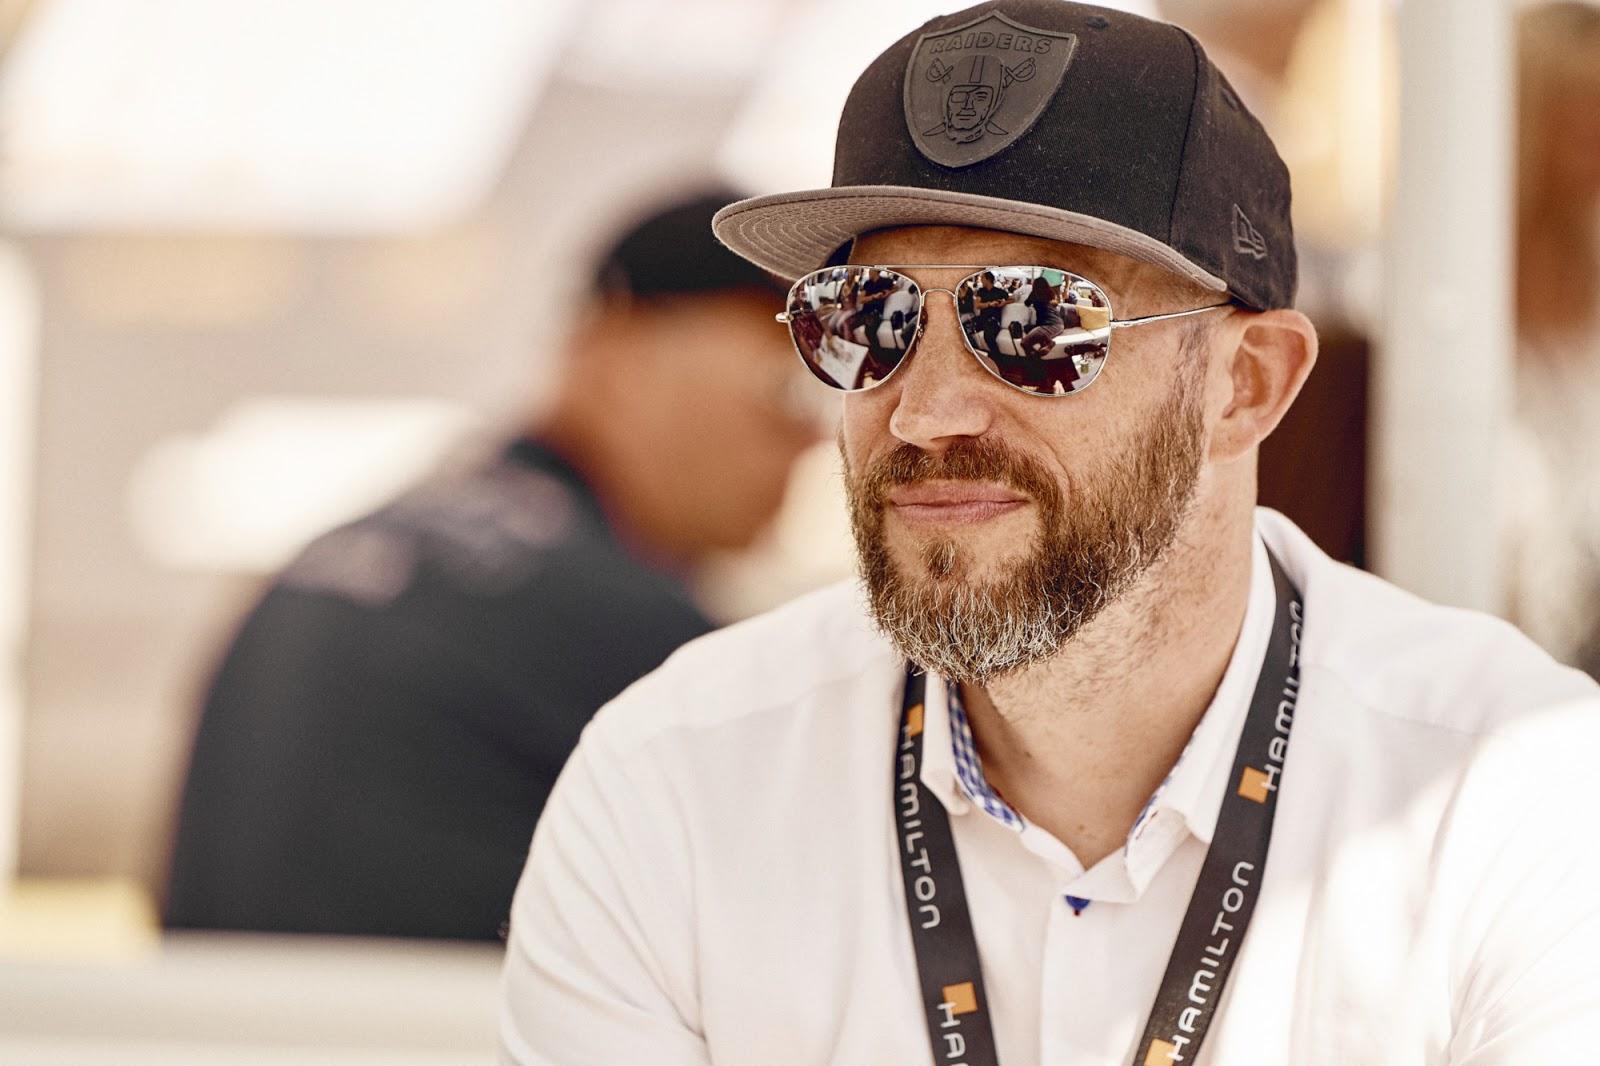 Der Blogger Jens Mahnke in der VIP Sky Lounge am Lausitzring mit Sonnenbrille und Kappe auf. Um den Hals ein Hamilton Keylace